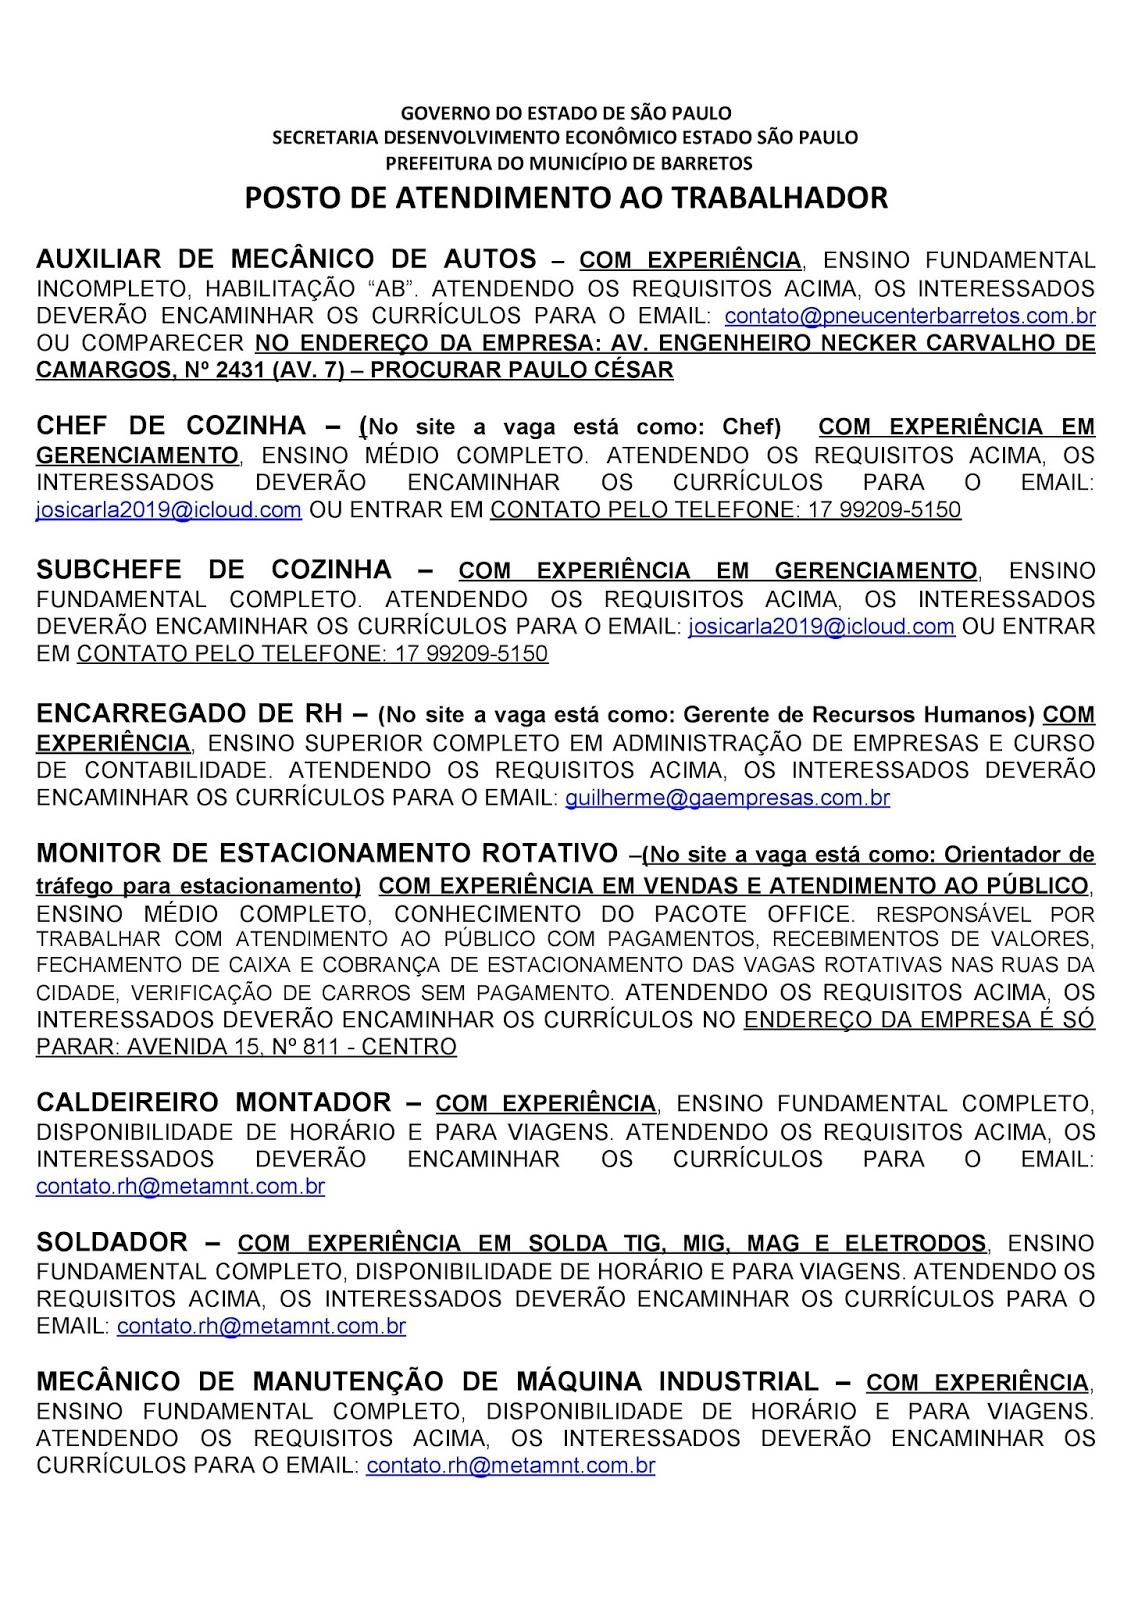 VAGAS DE EMPREGO DO PAT BARRETOS-SP PARA 27/07/2020 PUBLICADAS NA TARDE DE 24/07/2020 - PAG. 5